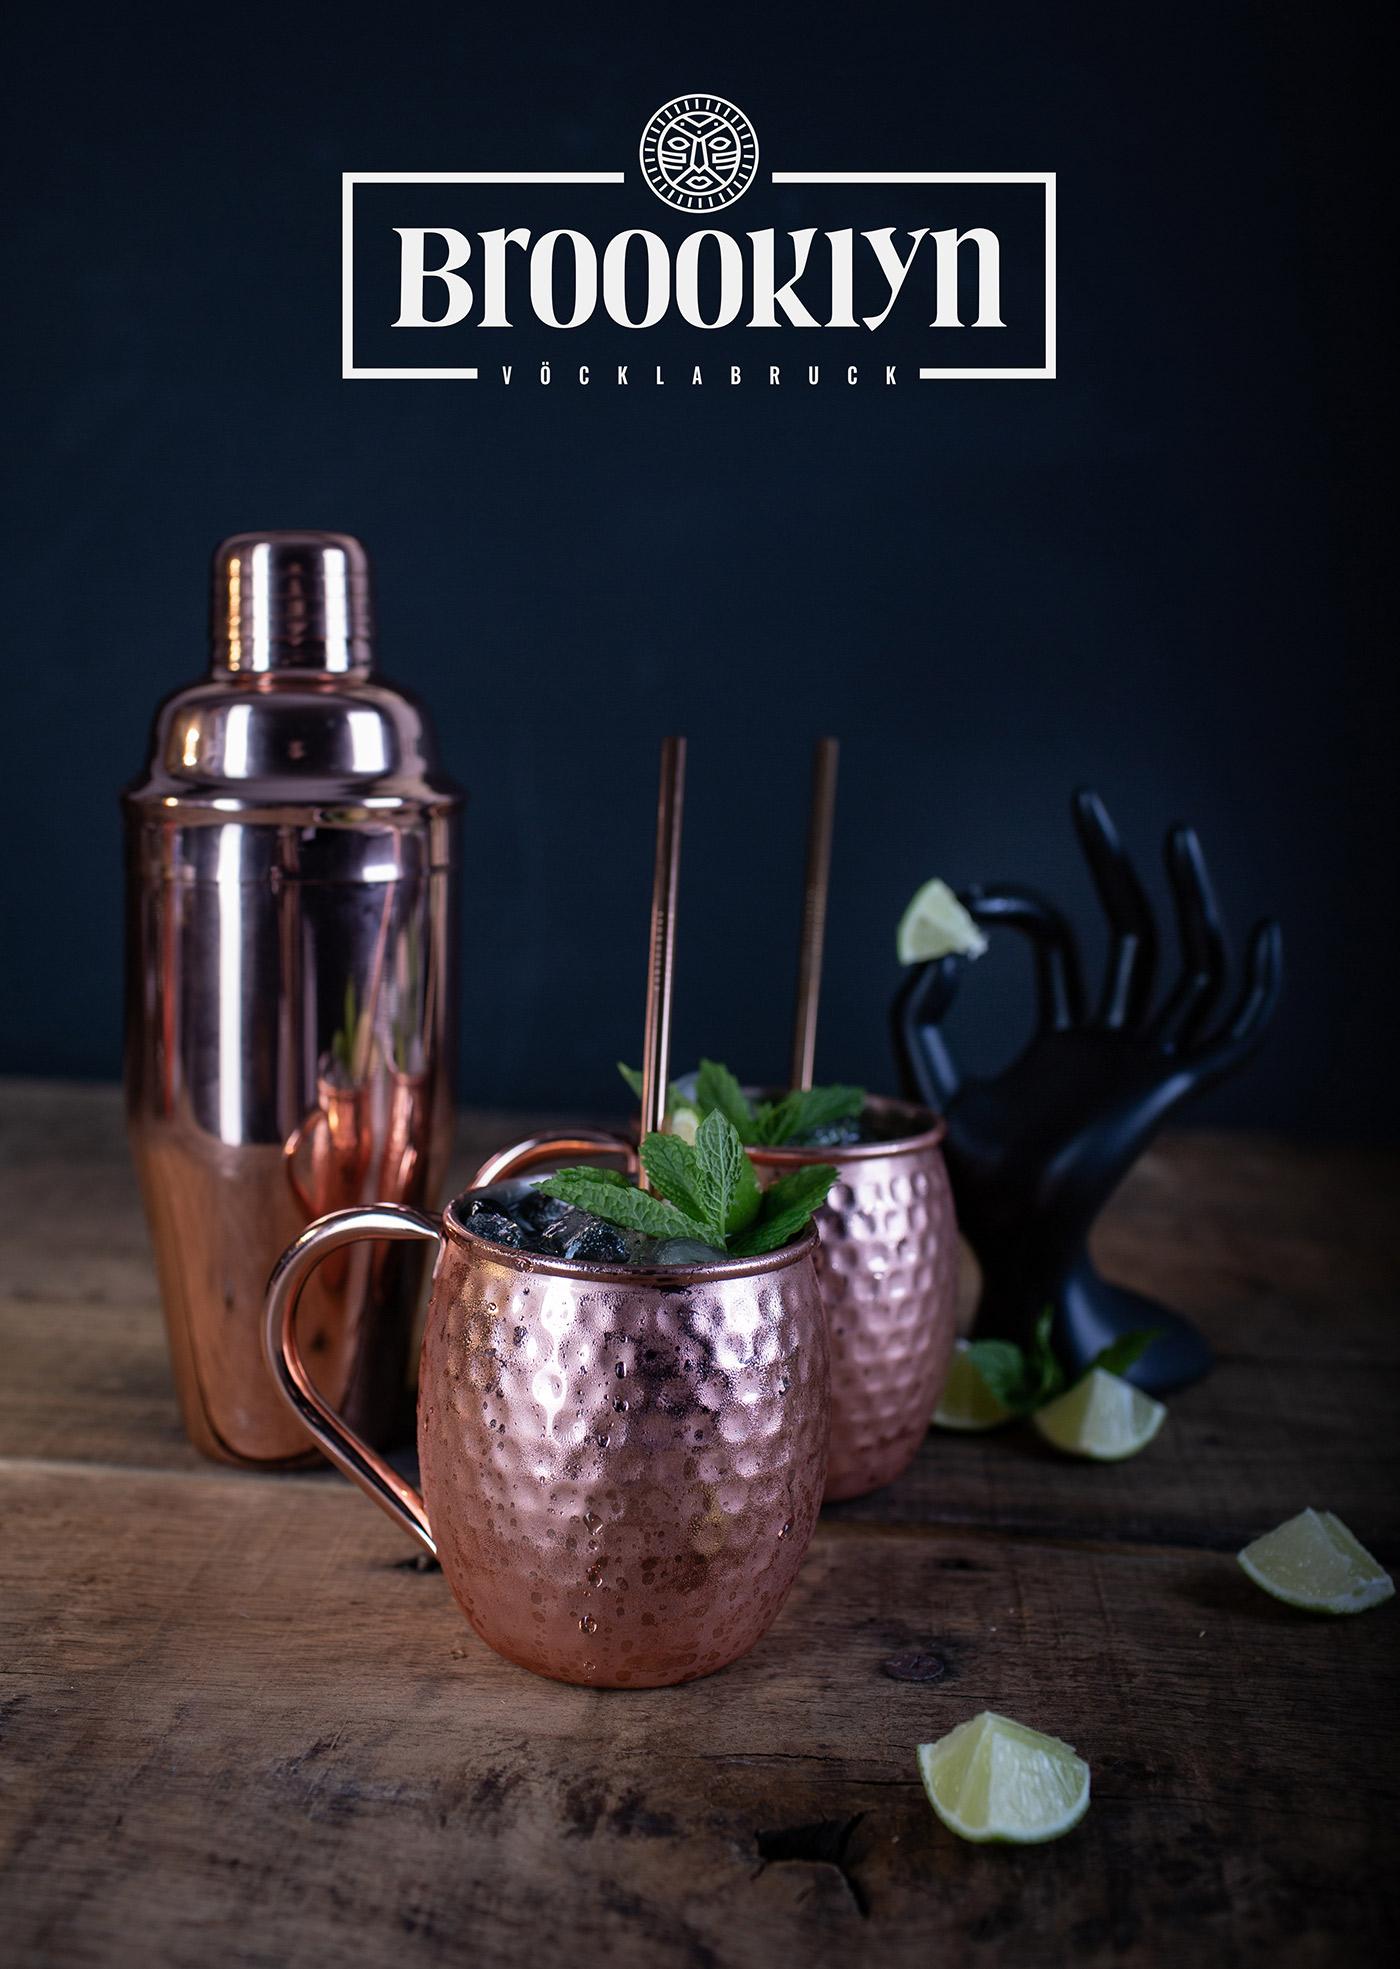 broooklyn-moscow-anti-form